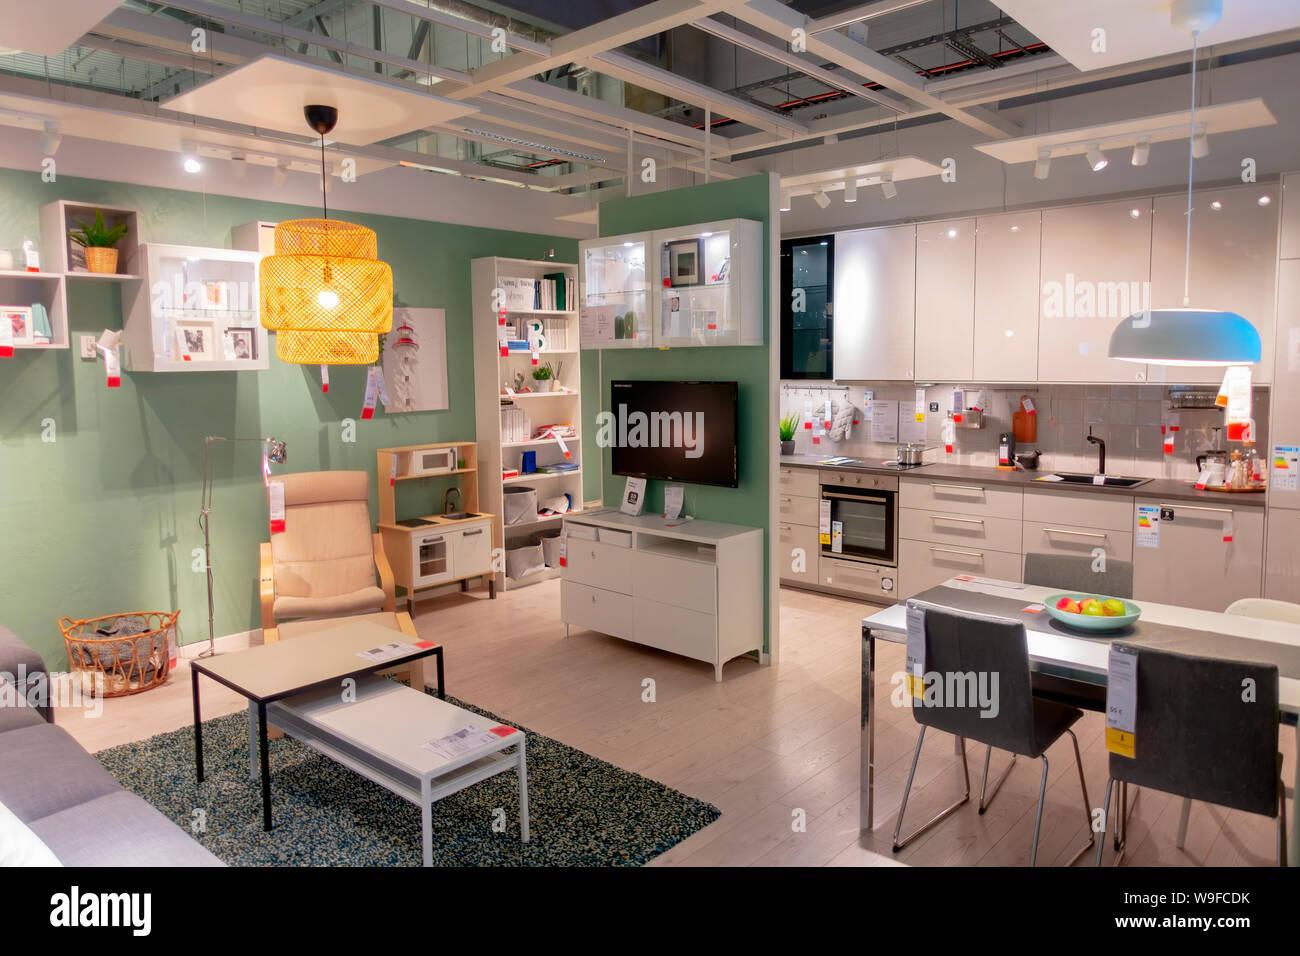 Innenansicht Mit Kuche Und Esszimmer Im Ikea Einrichtungshaus In Vilnius Litauen Stockfotografie Alamy